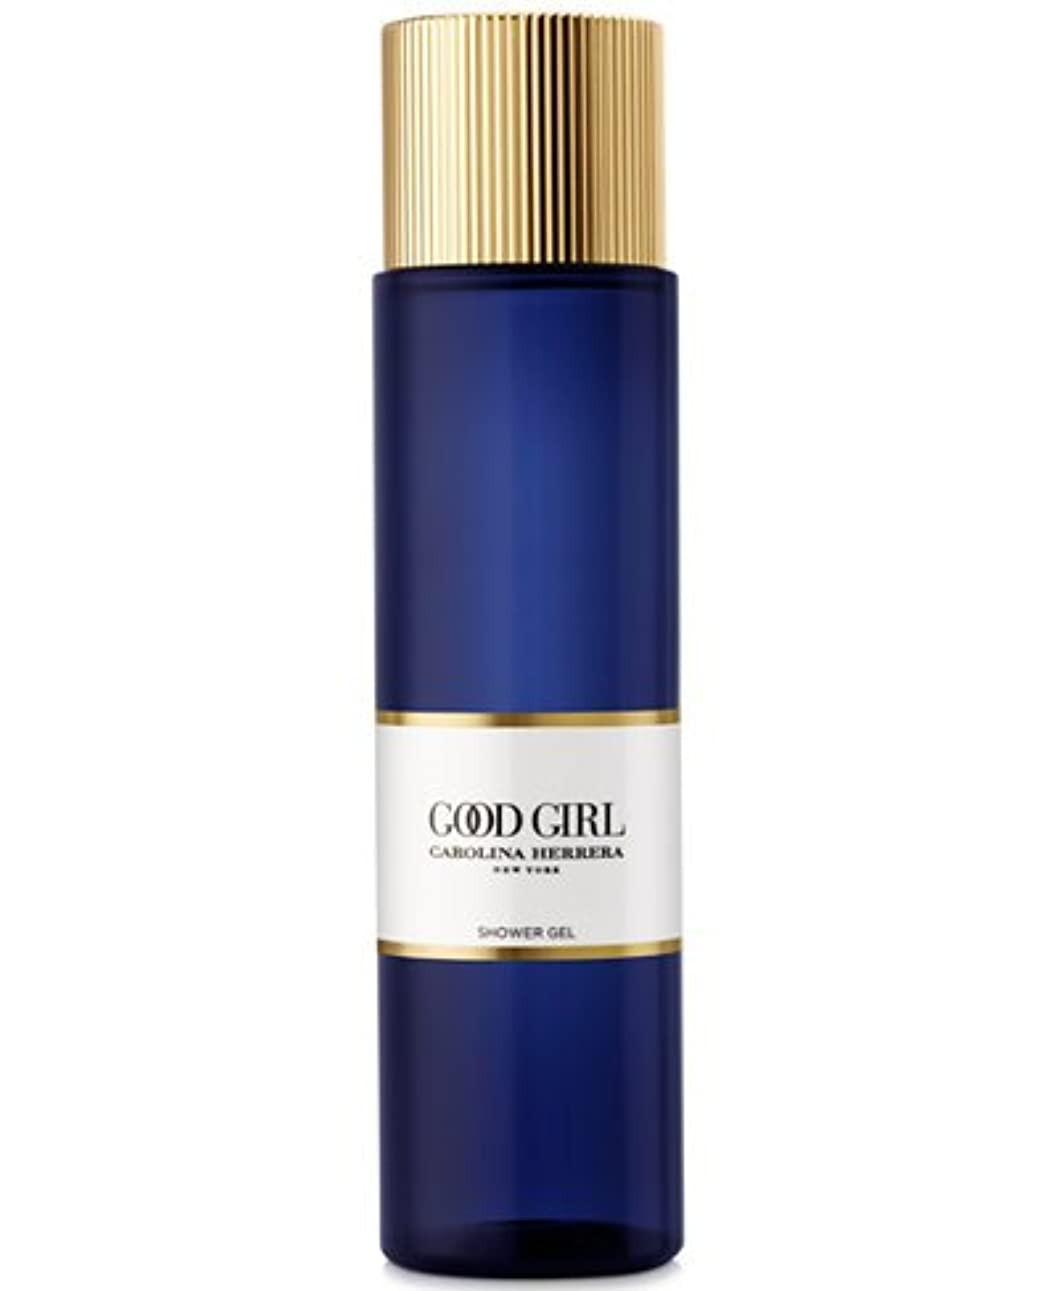 着服アスペクト辛いGood Girl (グッド ガール) 6.8 oz (200ml) Shower Gel (シャワージェル) by Carolina Herrera for Women